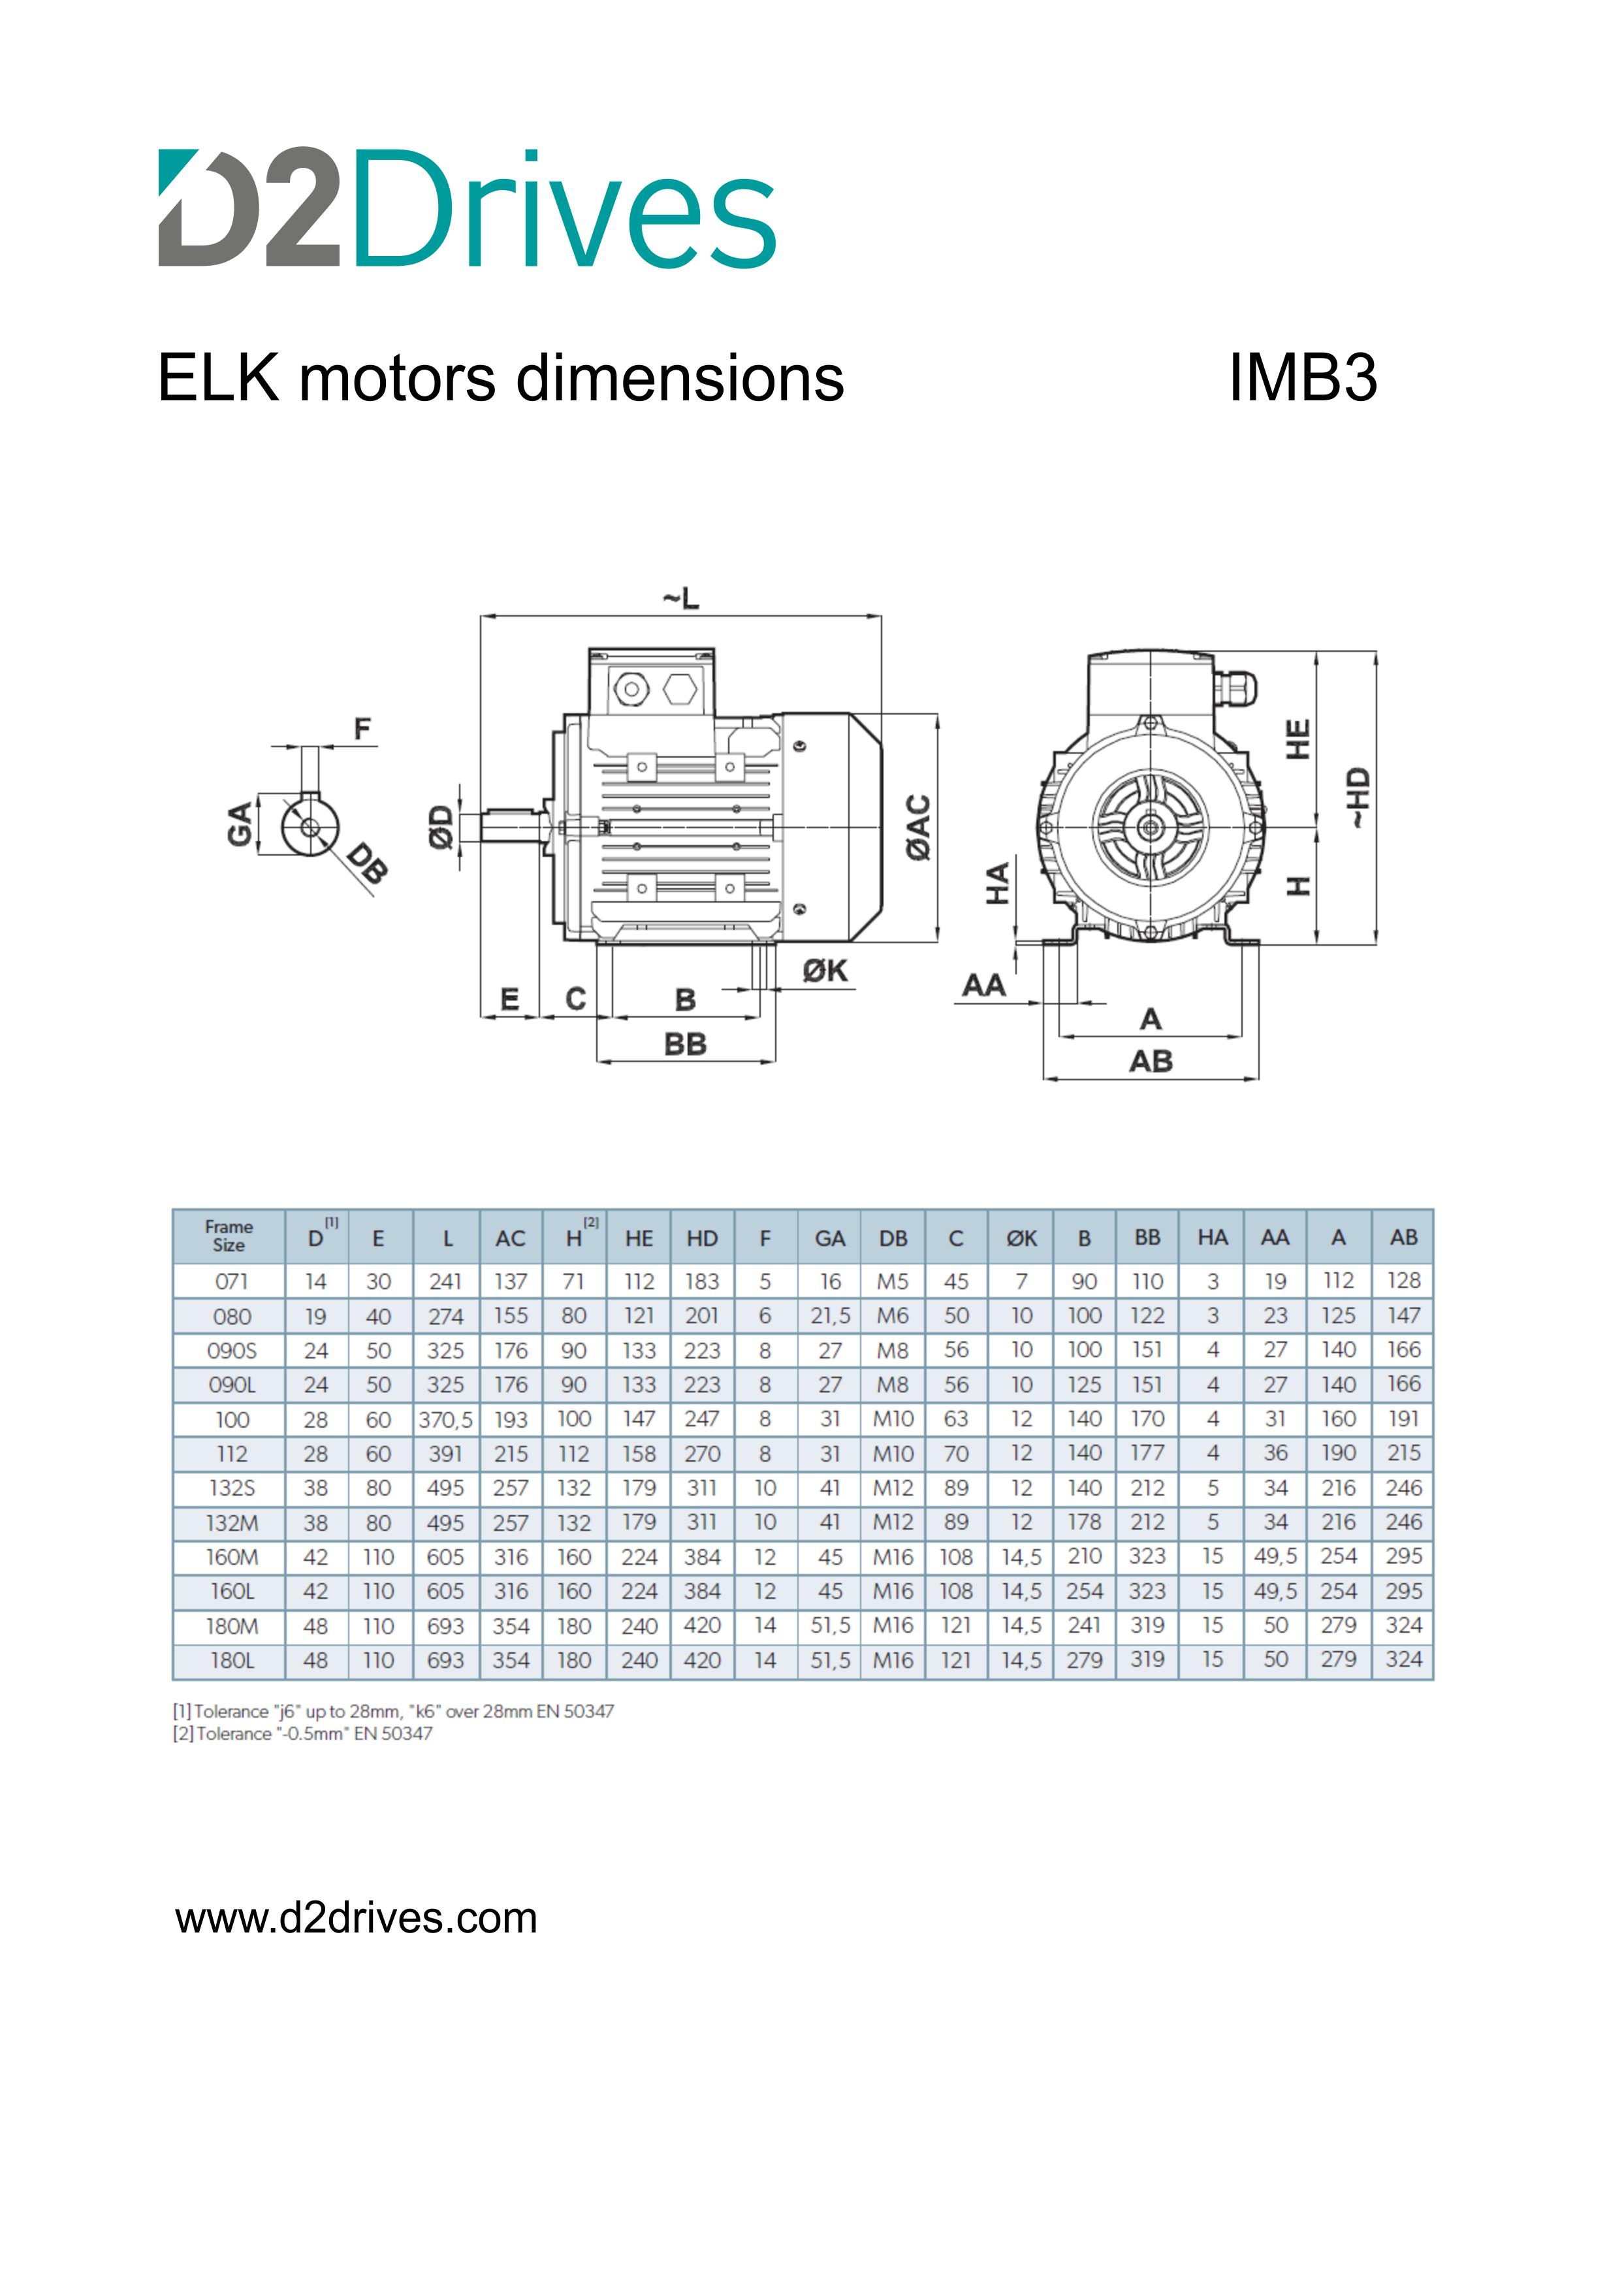 ELK motors - dimensions IMB3